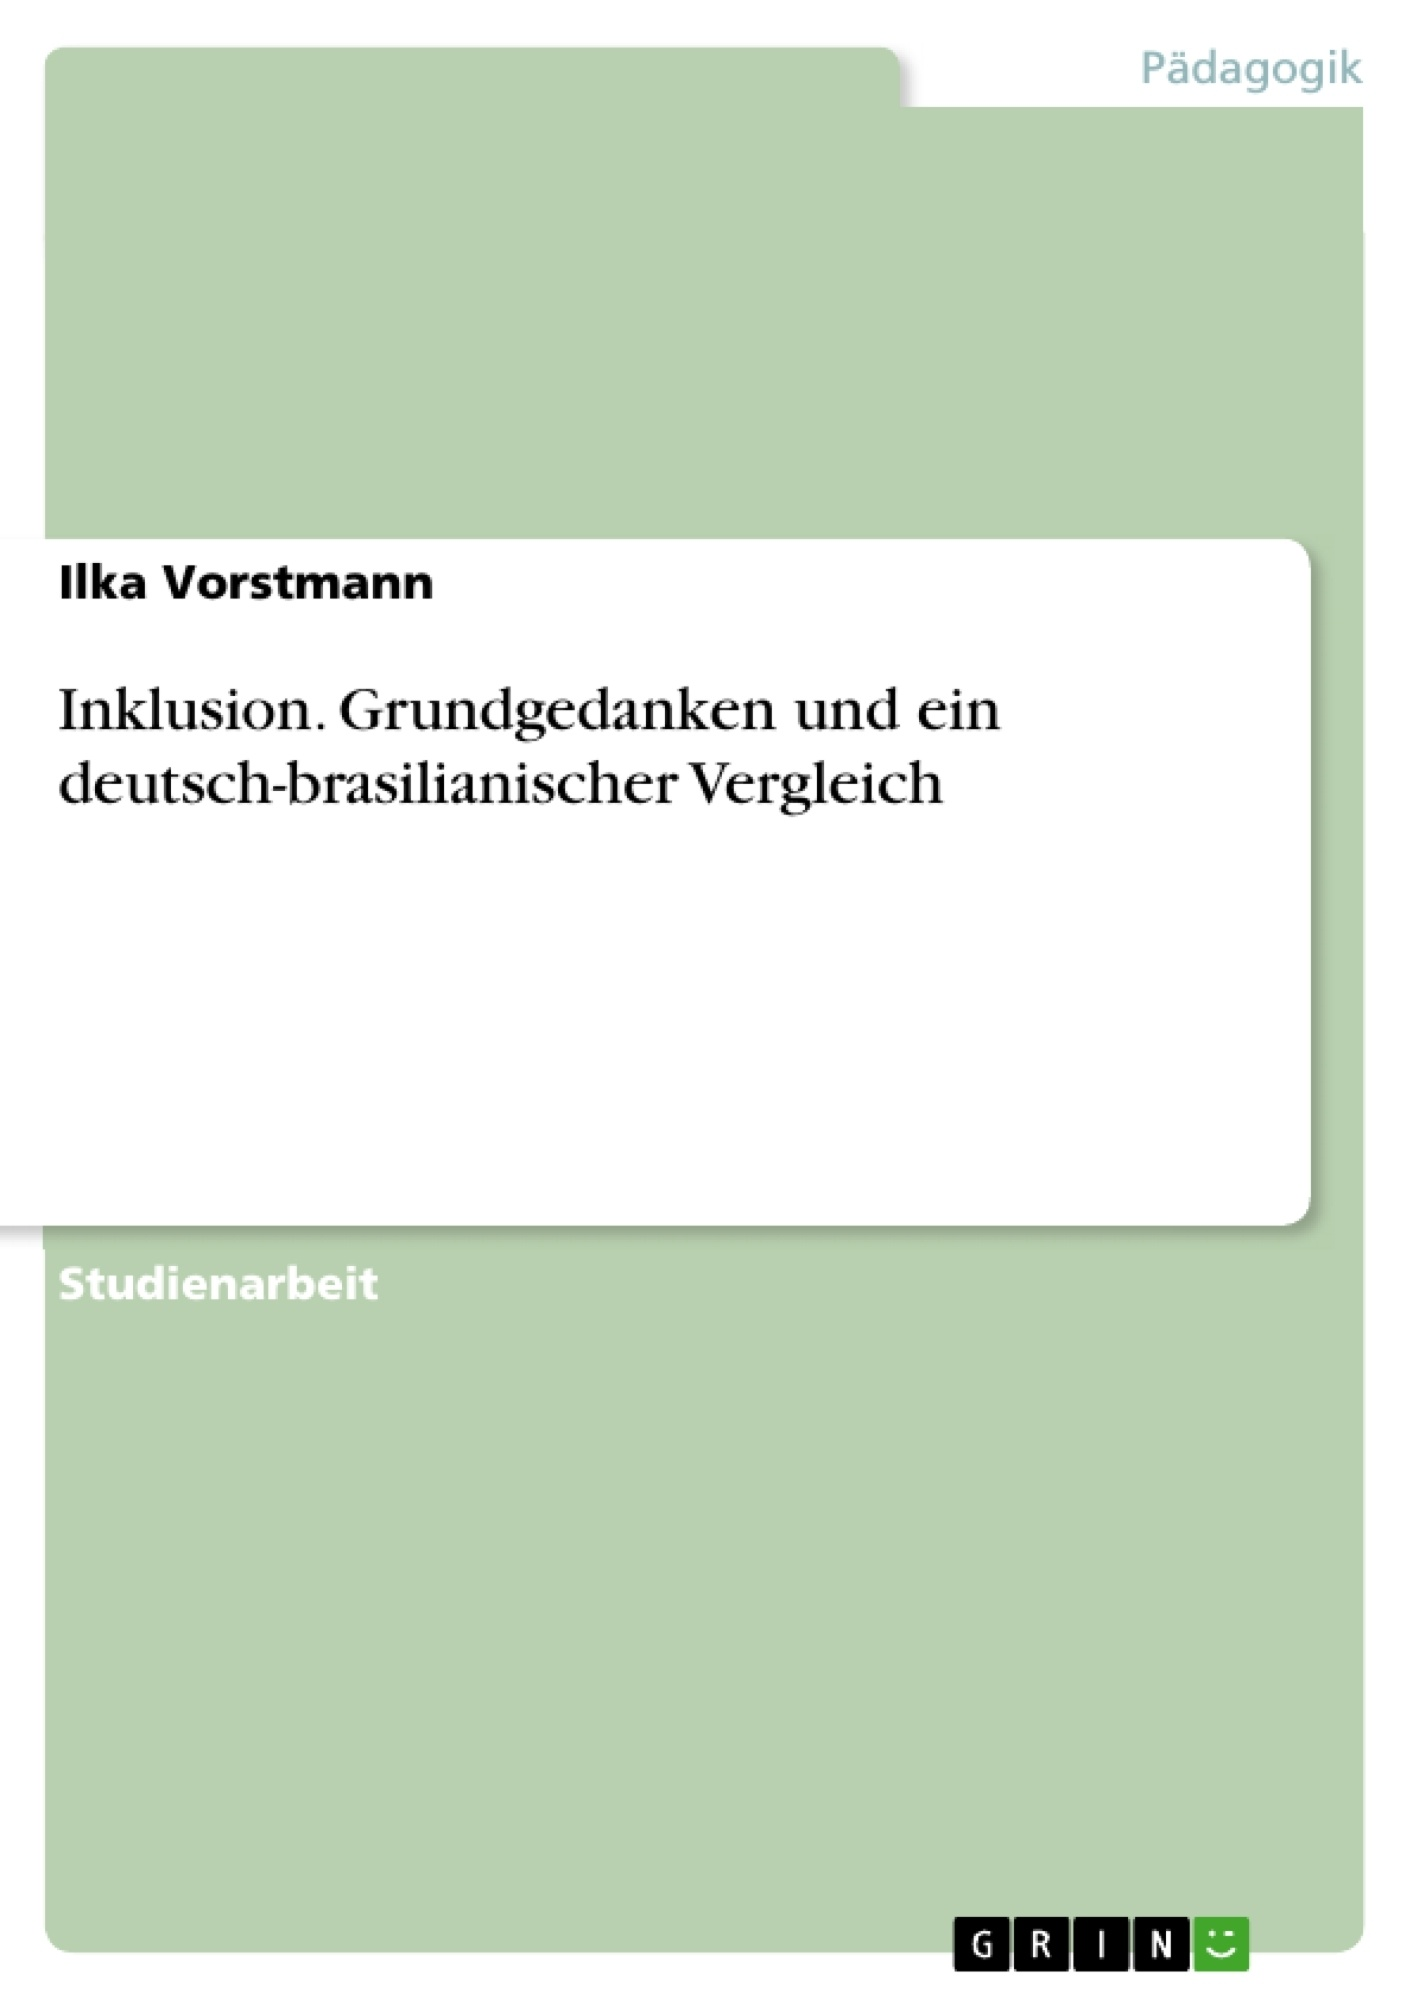 Titel: Inklusion. Grundgedanken und ein deutsch-brasilianischer Vergleich